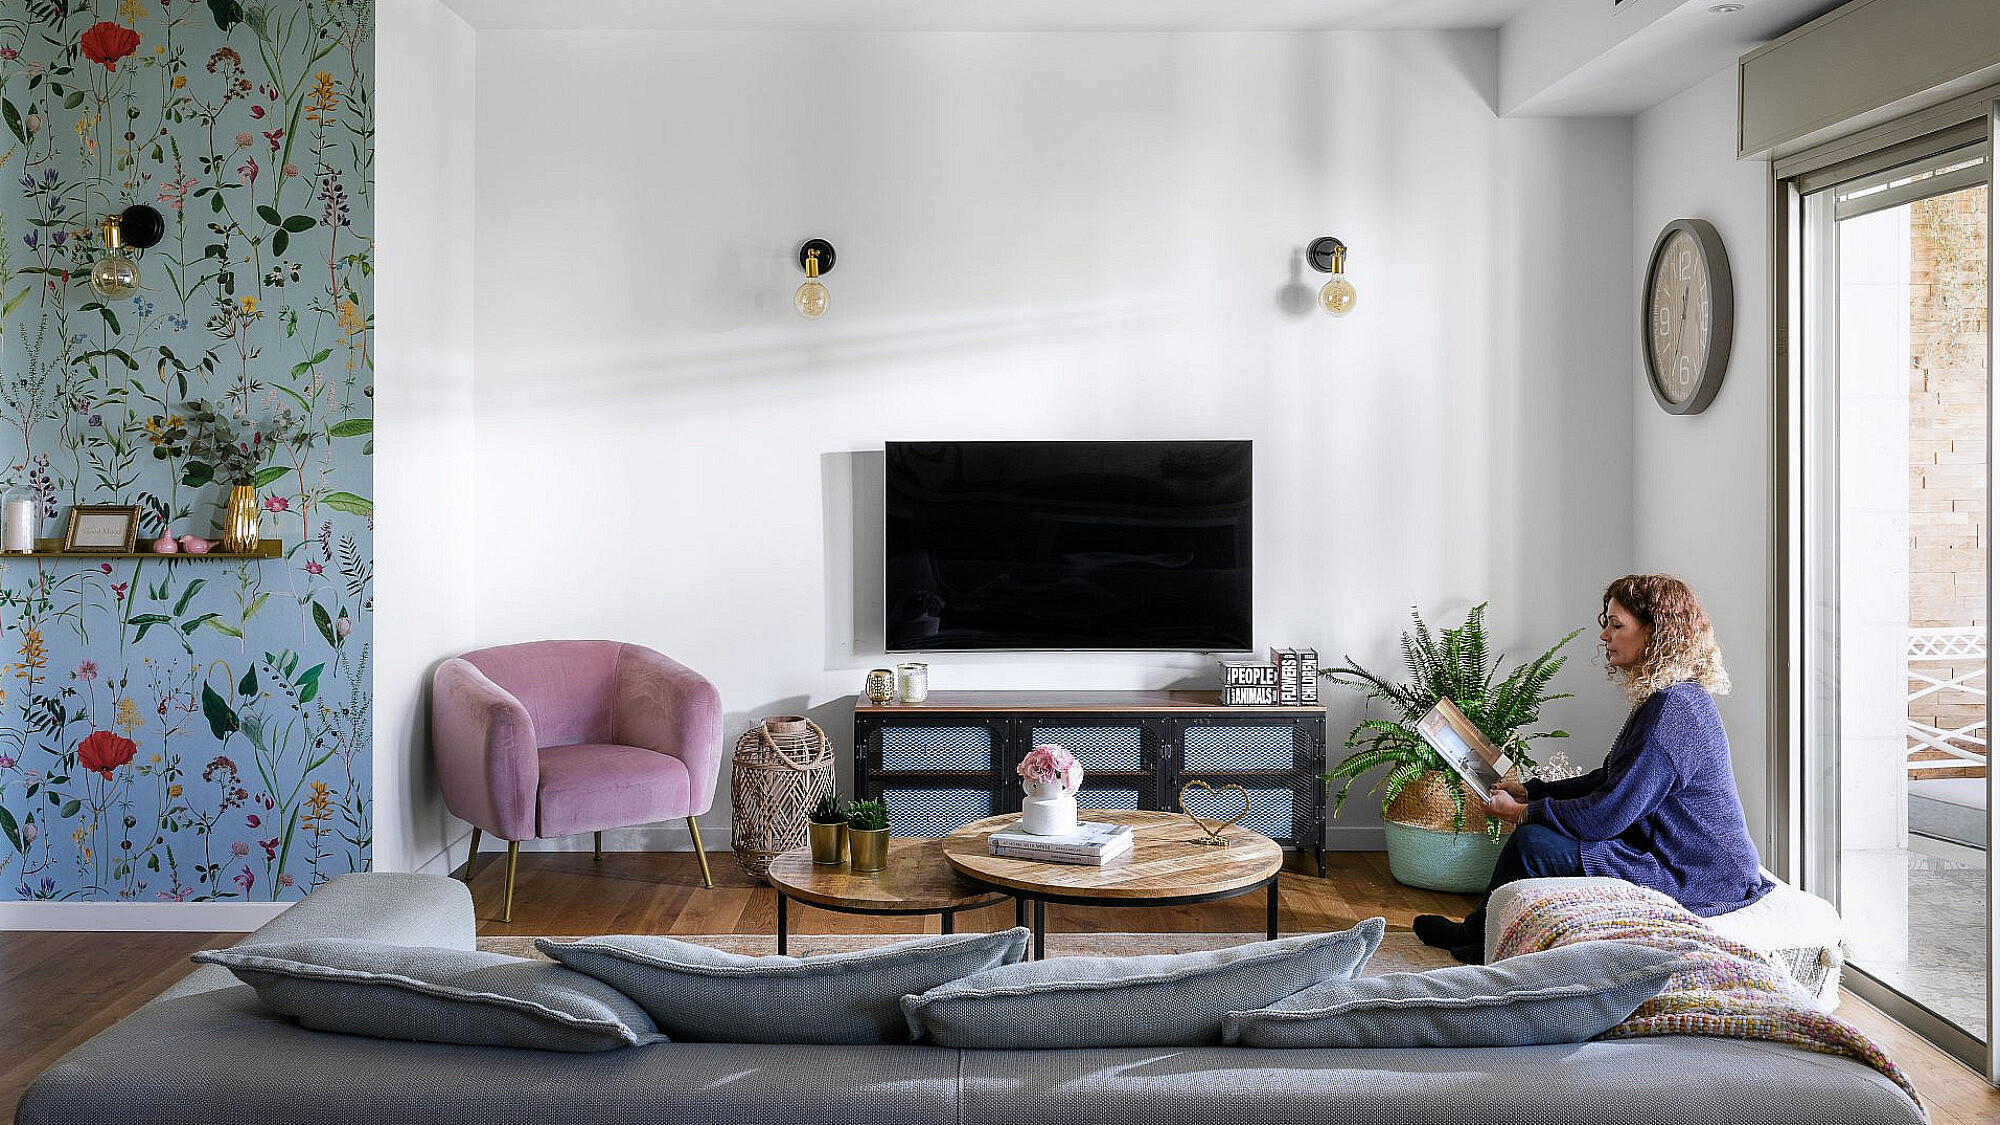 הסלון | עיצוב פנים: סיגל סיון ידוב, צילום: אורן עמוס